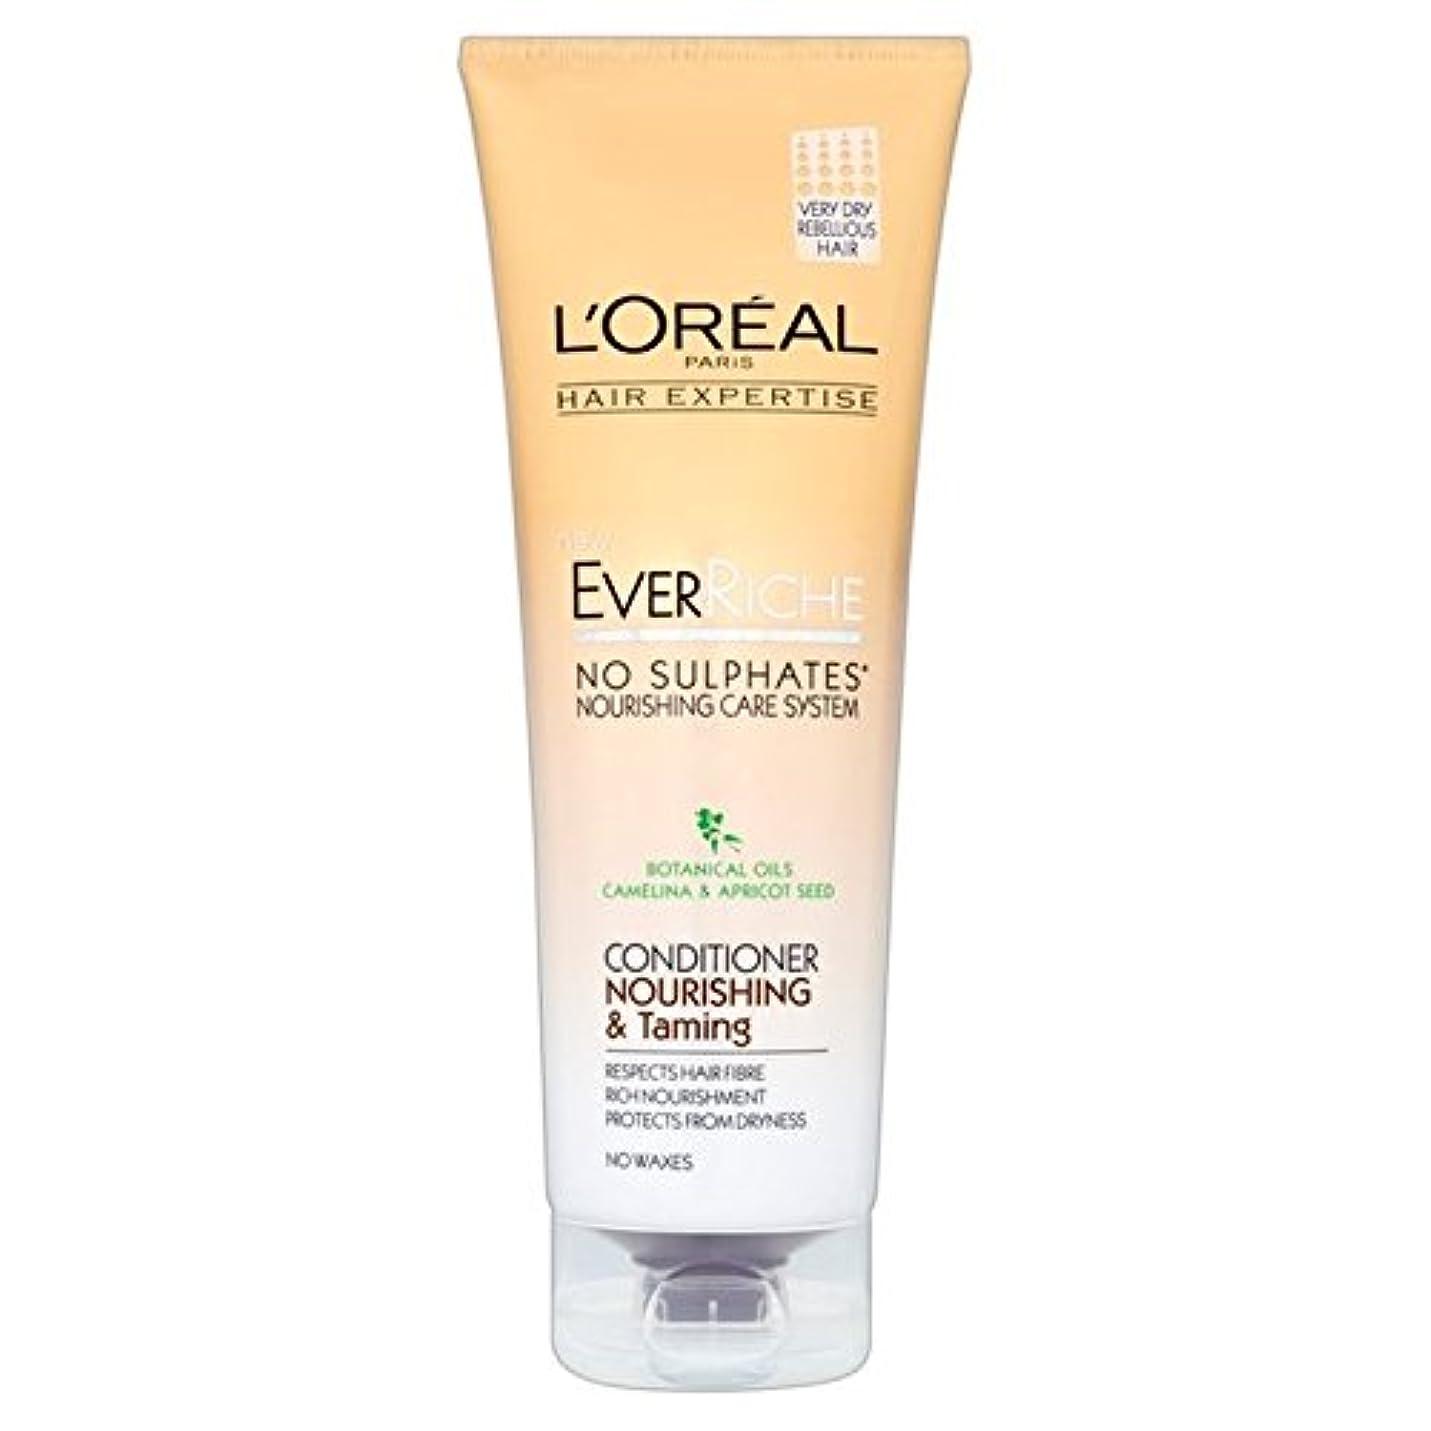 幼児反対する奨励ロレアルの髪の専門知識、これまでリッシュコンディショナーヌール&調教250ミリリットル x2 - L'Oreal Hair Expertise Ever Riche Conditioner Nour & Taming 250ml...